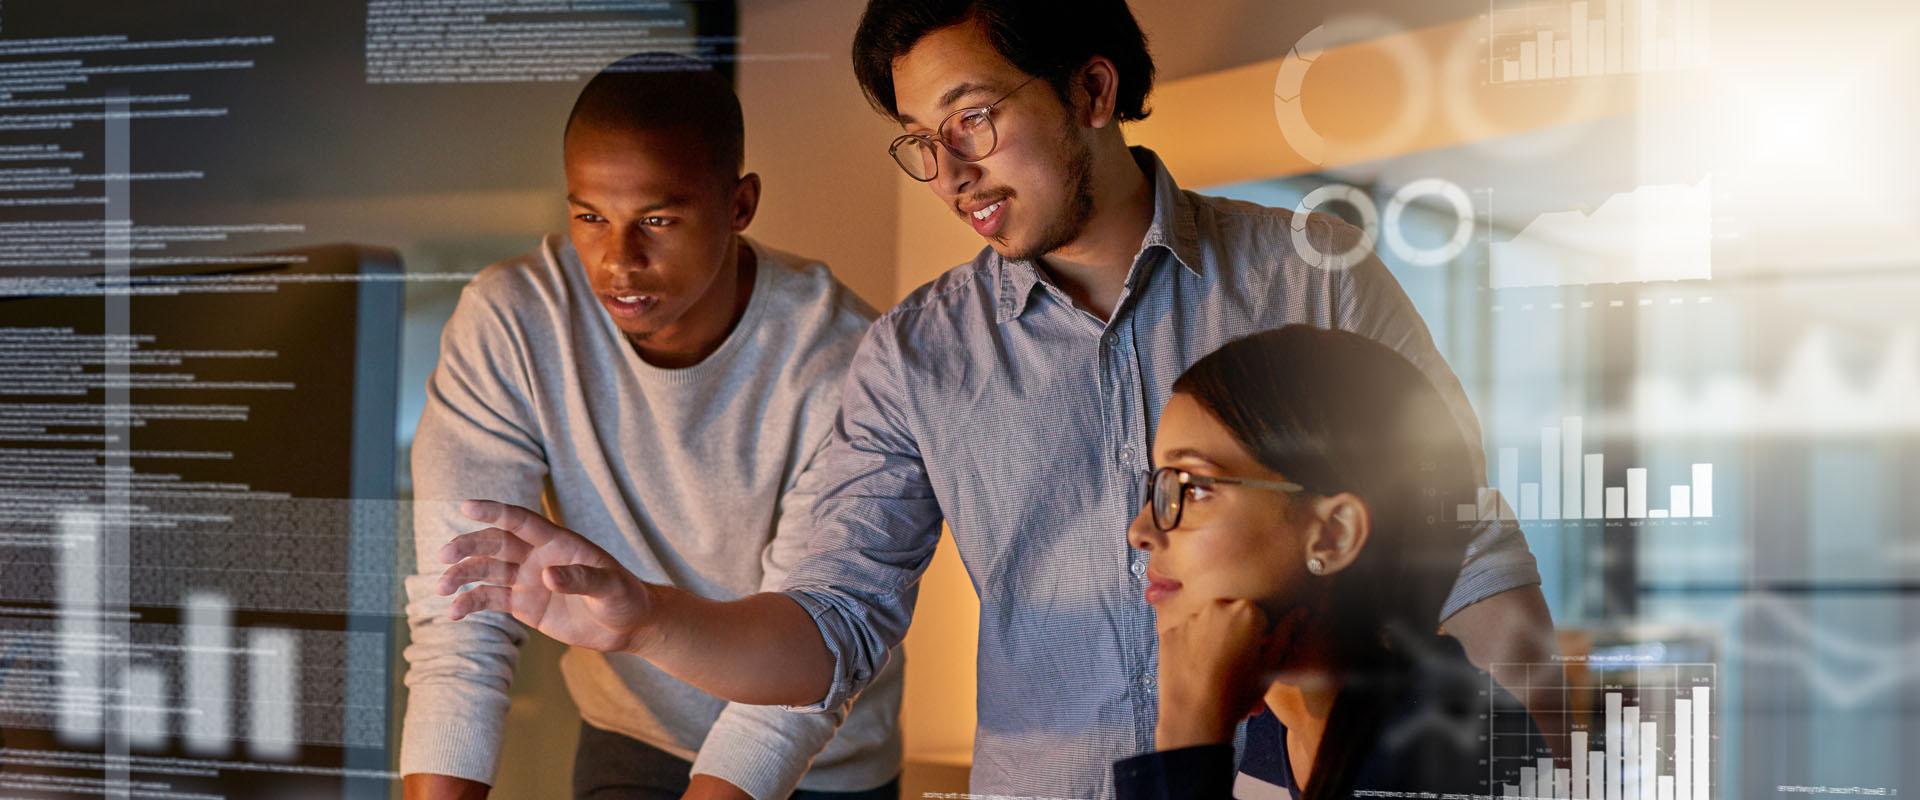 8/27 雲端化實現企業ERP及數據分析 成長型企業的致勝關鍵-『數位轉型AI化』線上講座